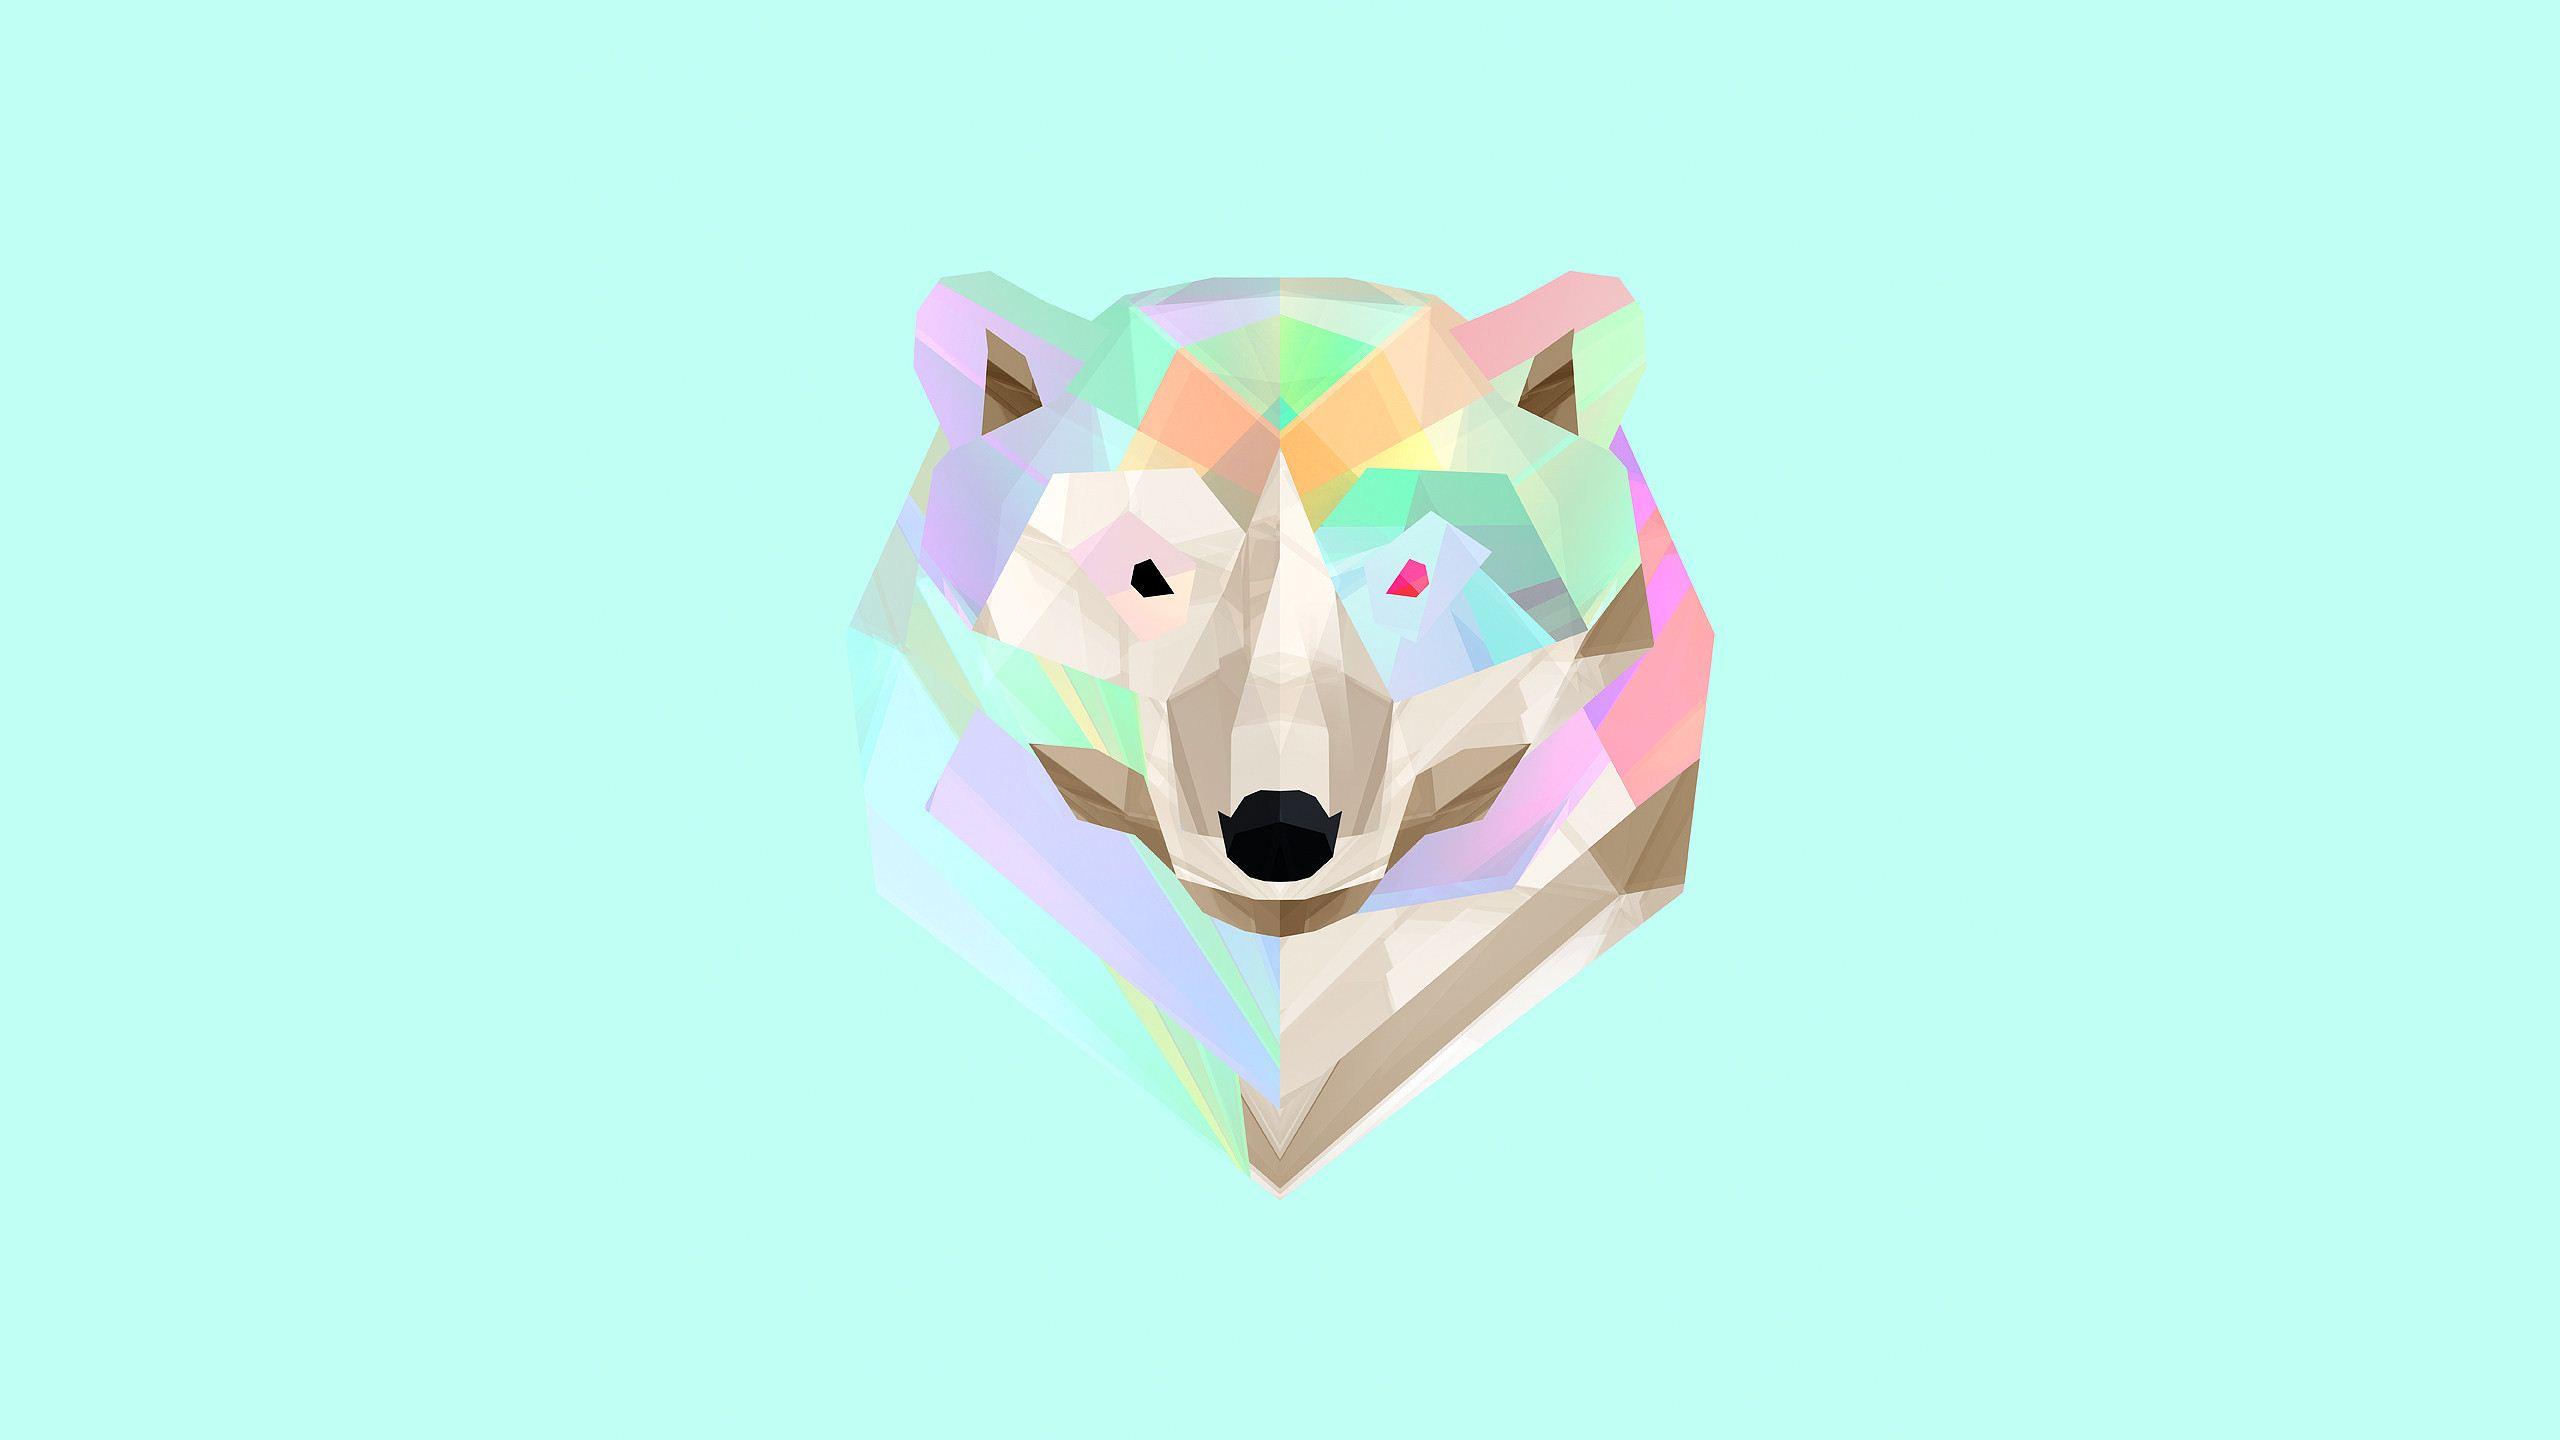 Low Poly Bear Destkop BackgroundsDestkop Backgrounds 2560x1440